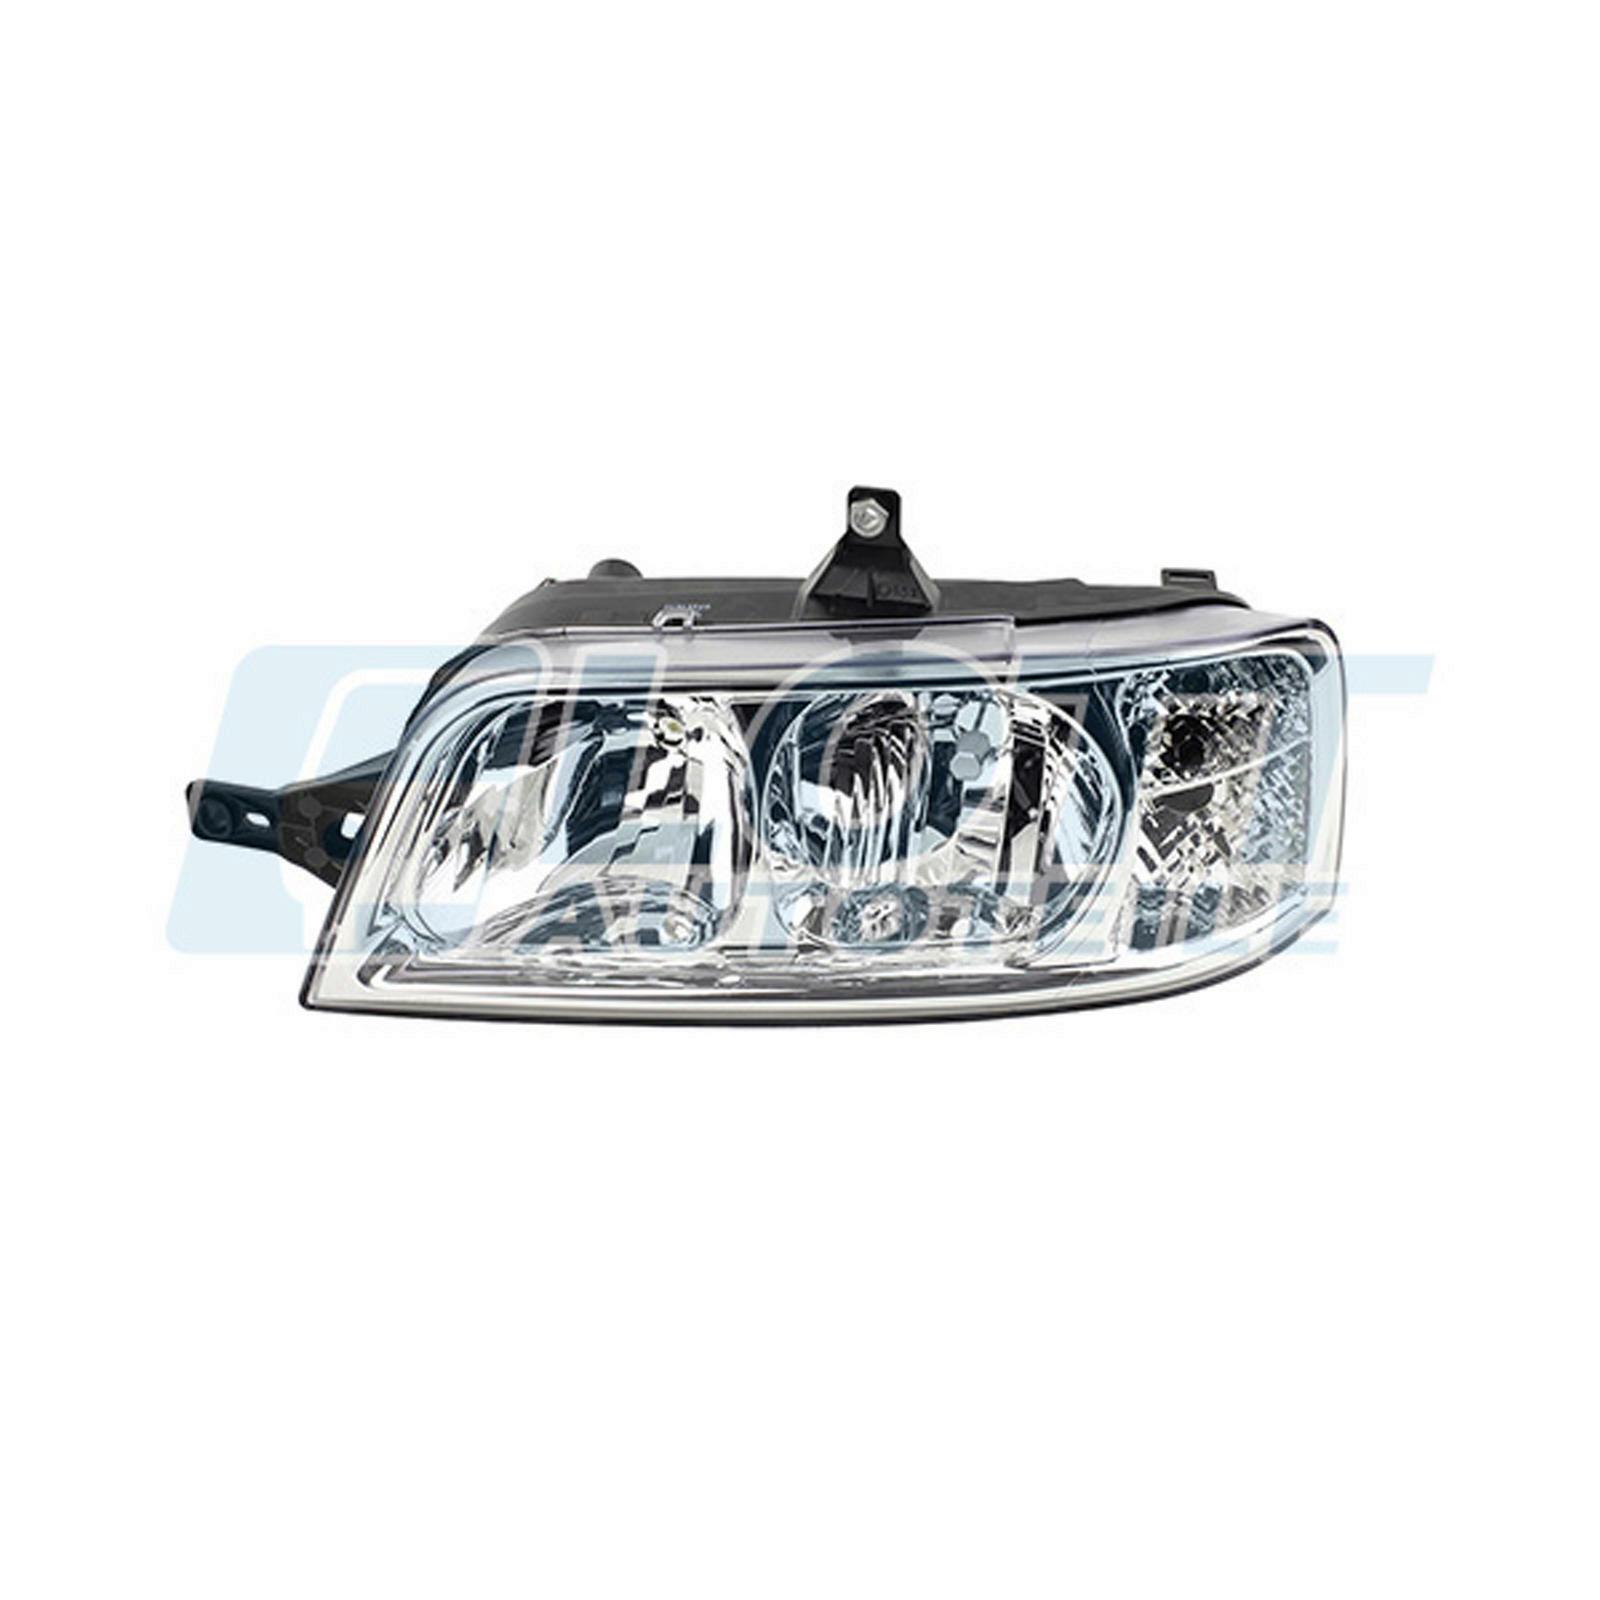 1020-13682 Scheinwerfer Links H7//H7 Scheinwerfer Beleuchtung Frontscheinwerfer